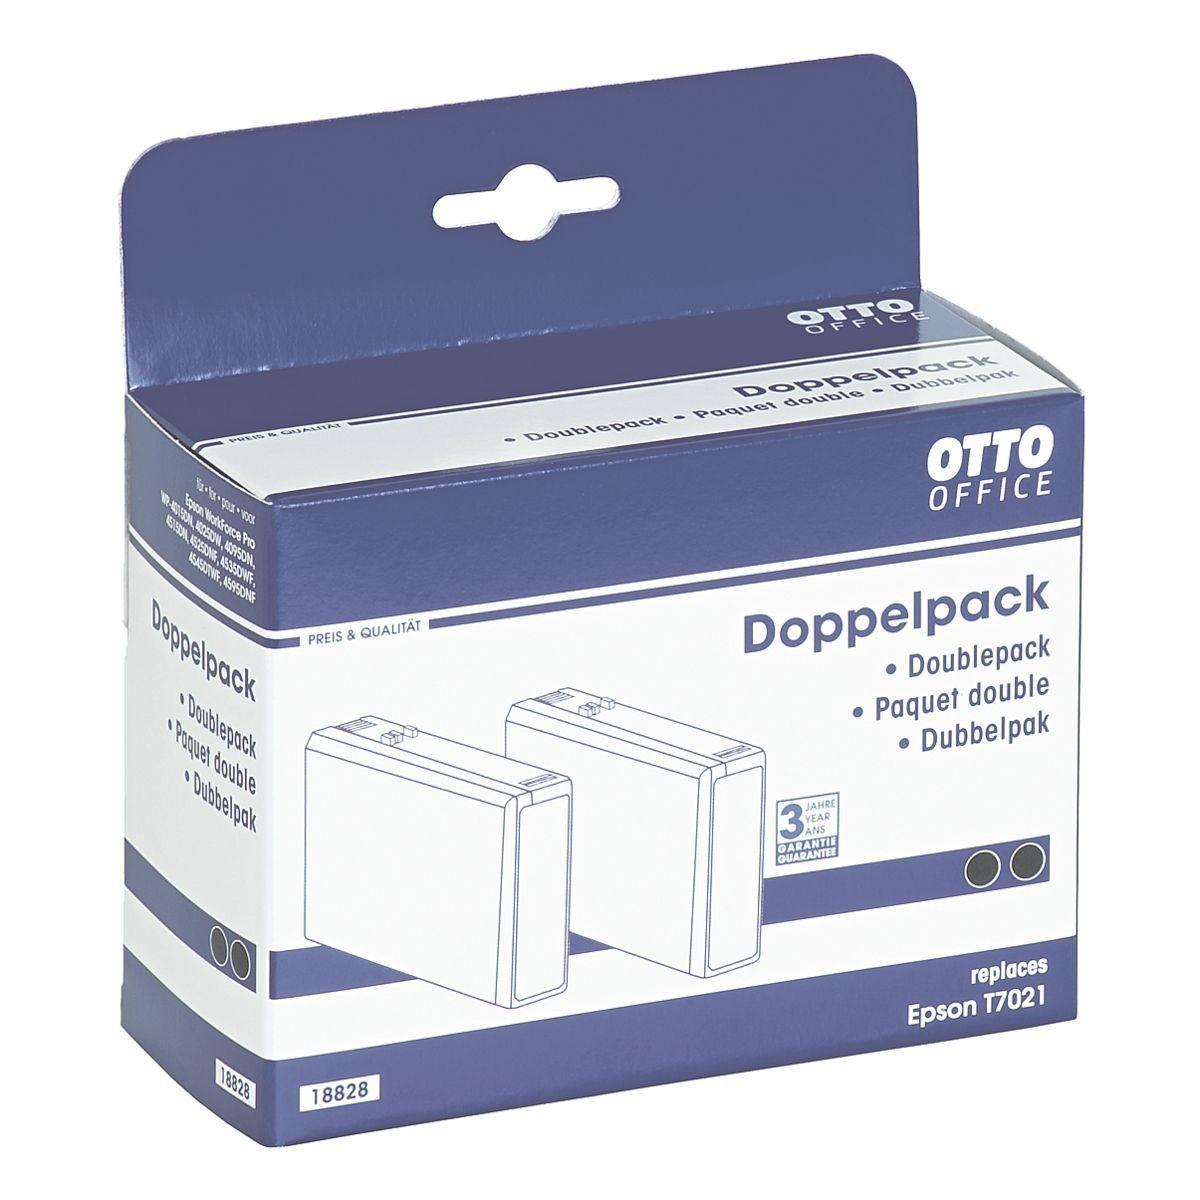 OTTO Office Doppelpack Tintenpatronen ersetzt Epson »T7021«